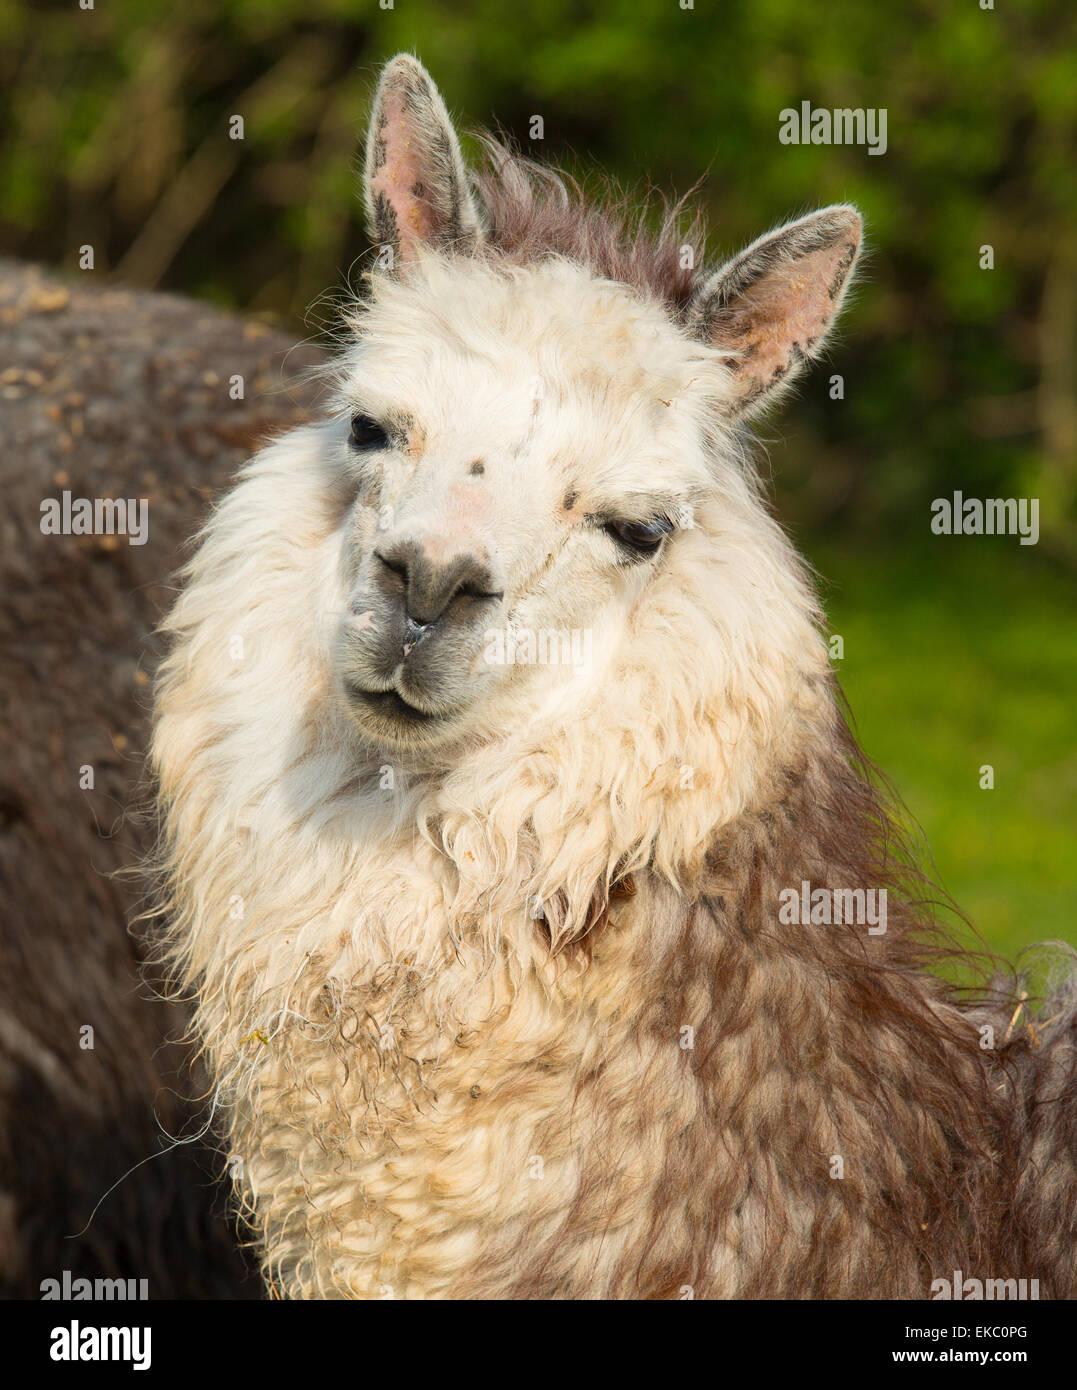 Carino Alpaca dal Sud America camelid assomiglia a piccole llama con casacca utilizzata per la lana e carino sorriso Immagini Stock